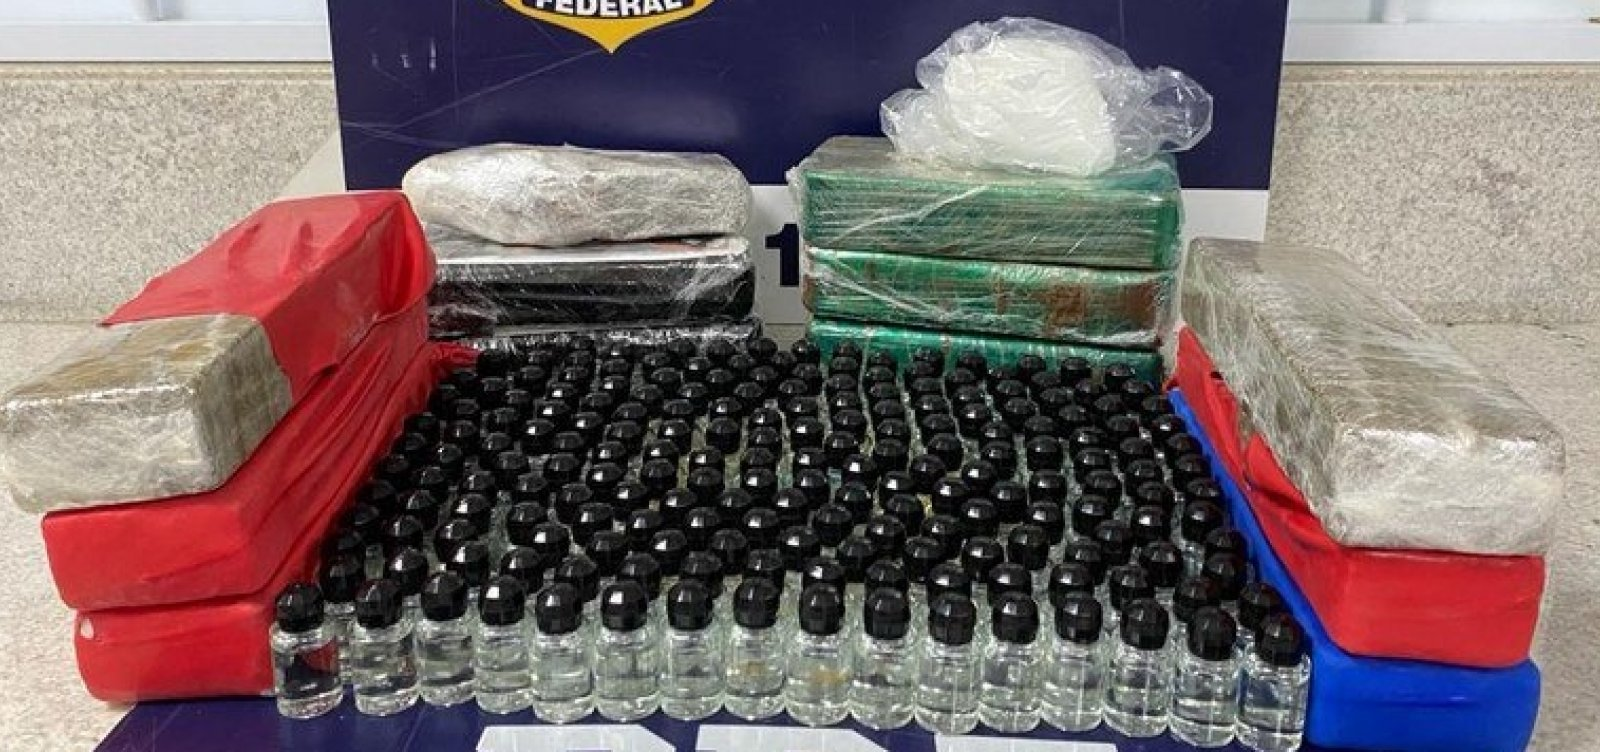 Mulher é presa transportando maconha, cocaína e lança-perfume em ônibus em Conquista